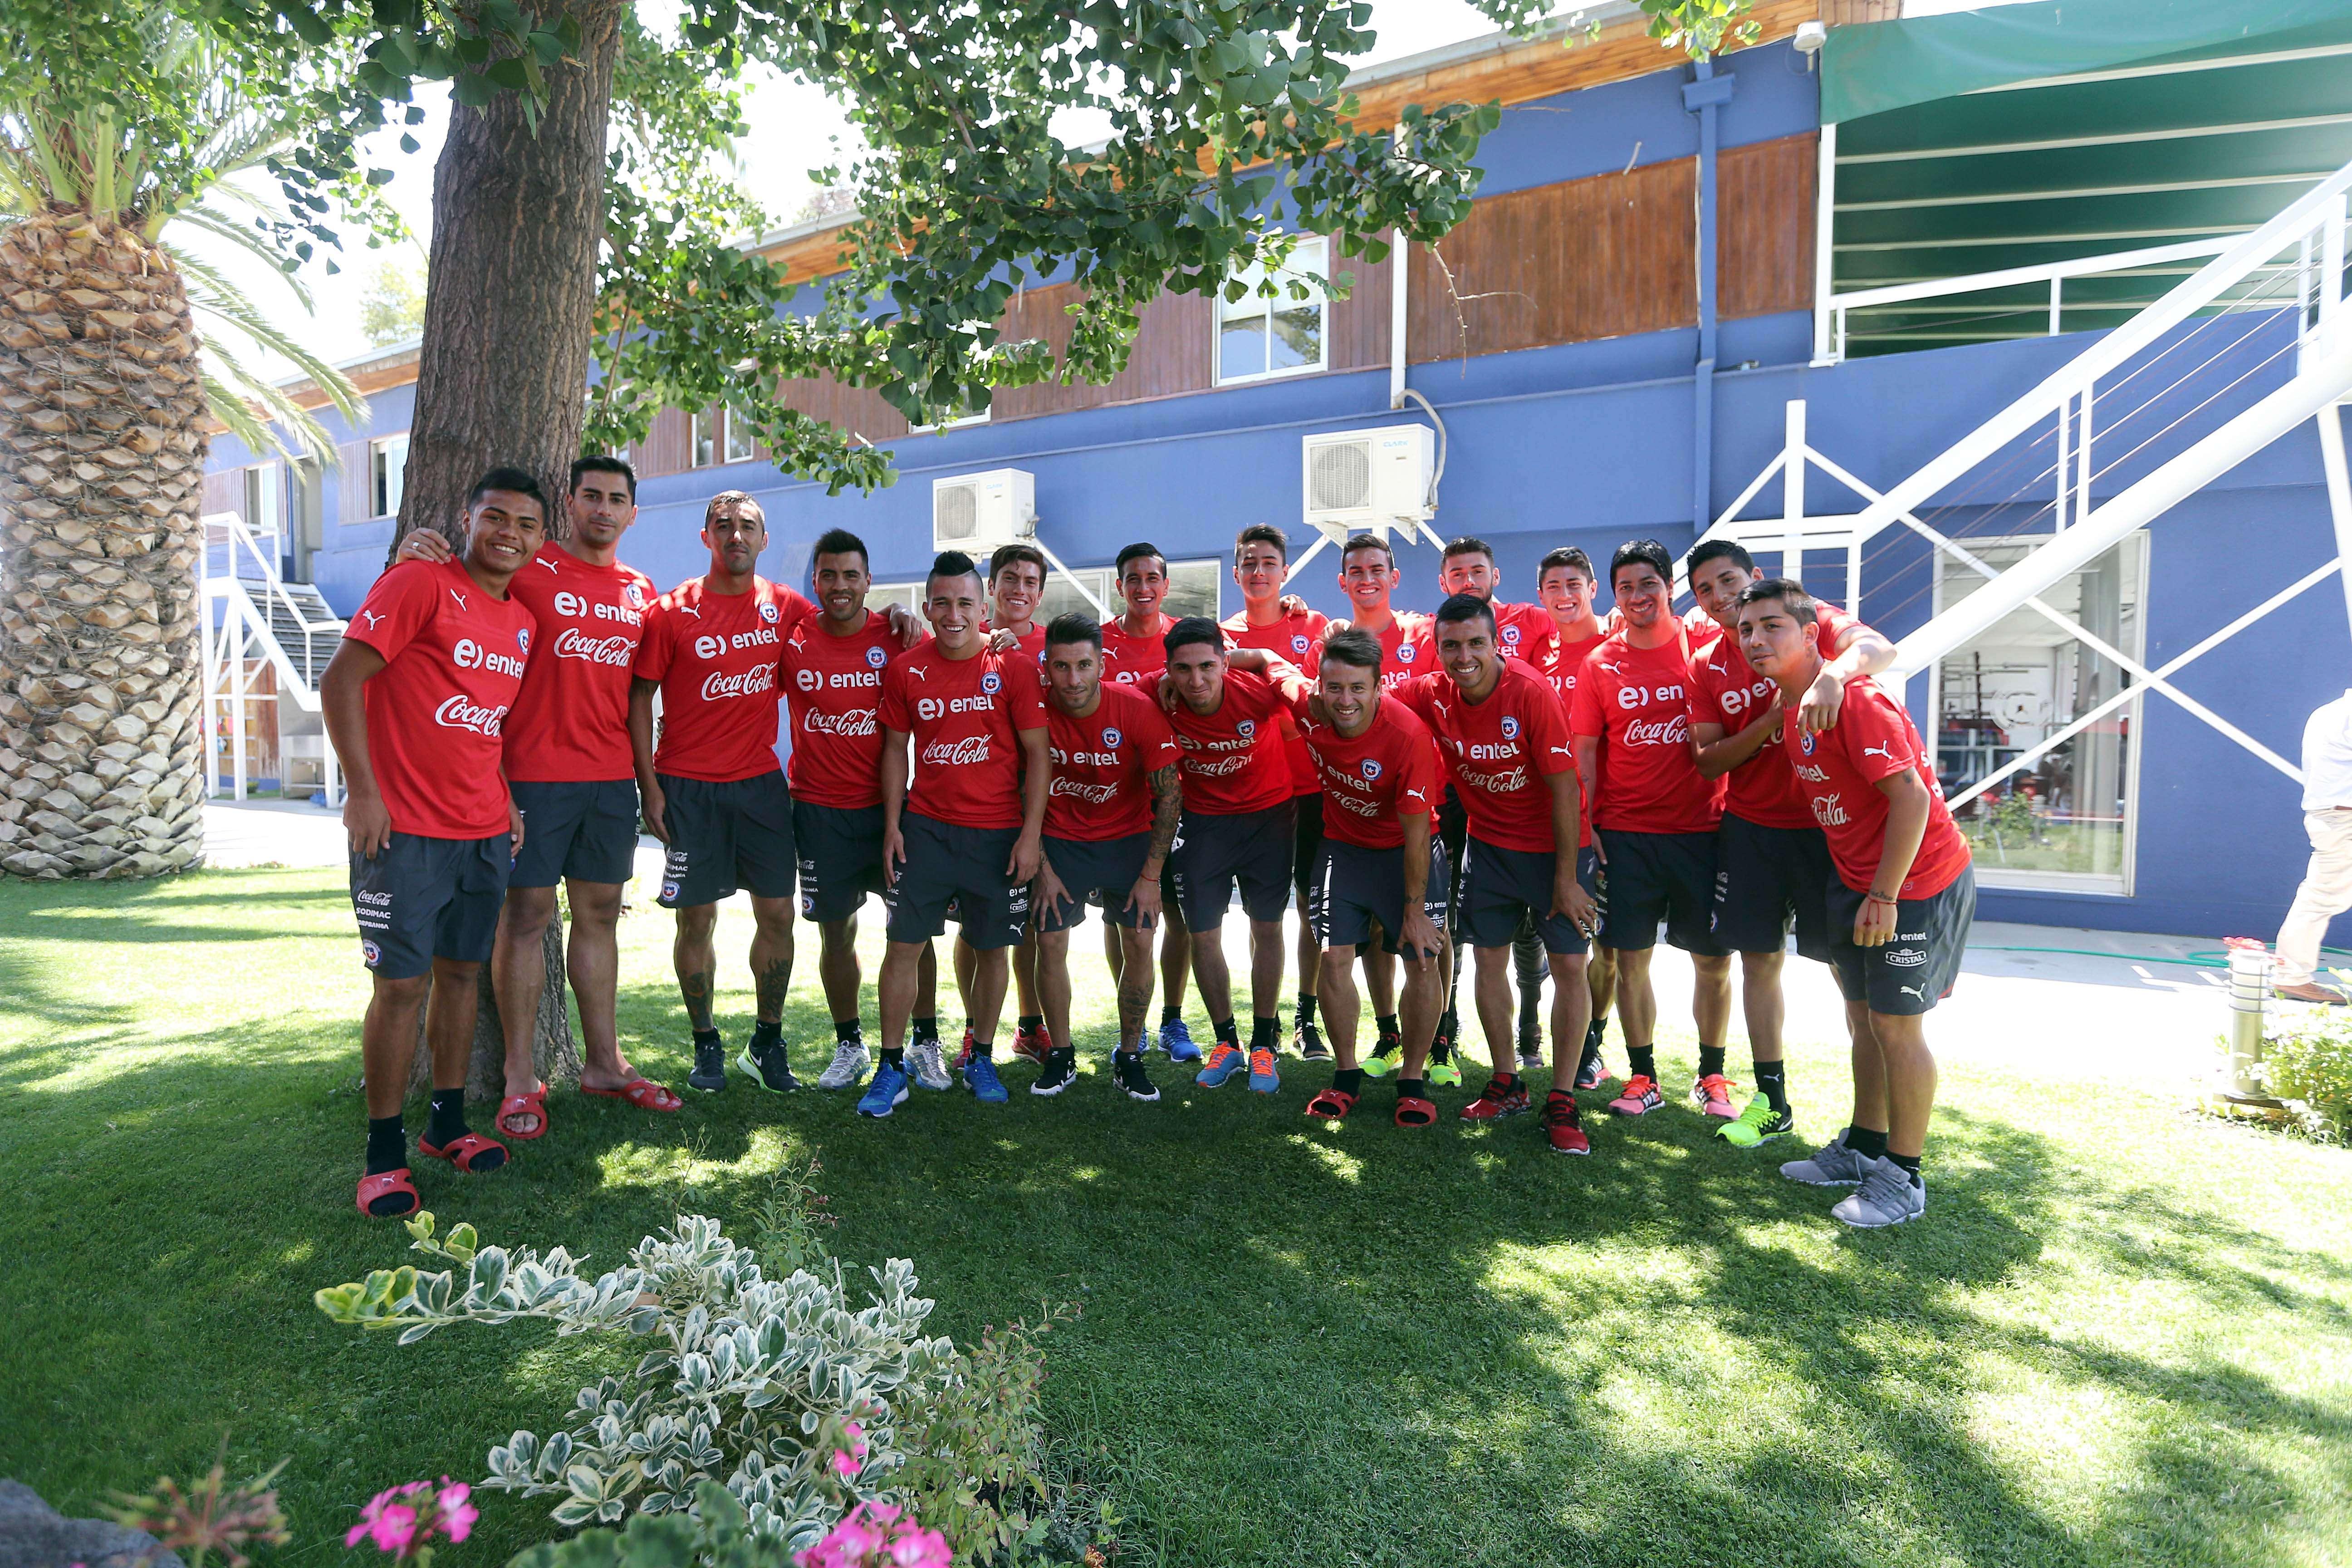 """A un día del amistoso ante Estados Unidos, los jugadores de la Roja disfrutaron de un caluroso día de entrenamiento bajo las órdenes de Jorge Sampaoli y quisieron demostrar el buen ambiente que se vive en el """"búnker"""" de Macul. Foto: Comunicaciones ANFP/Carlos Parra"""